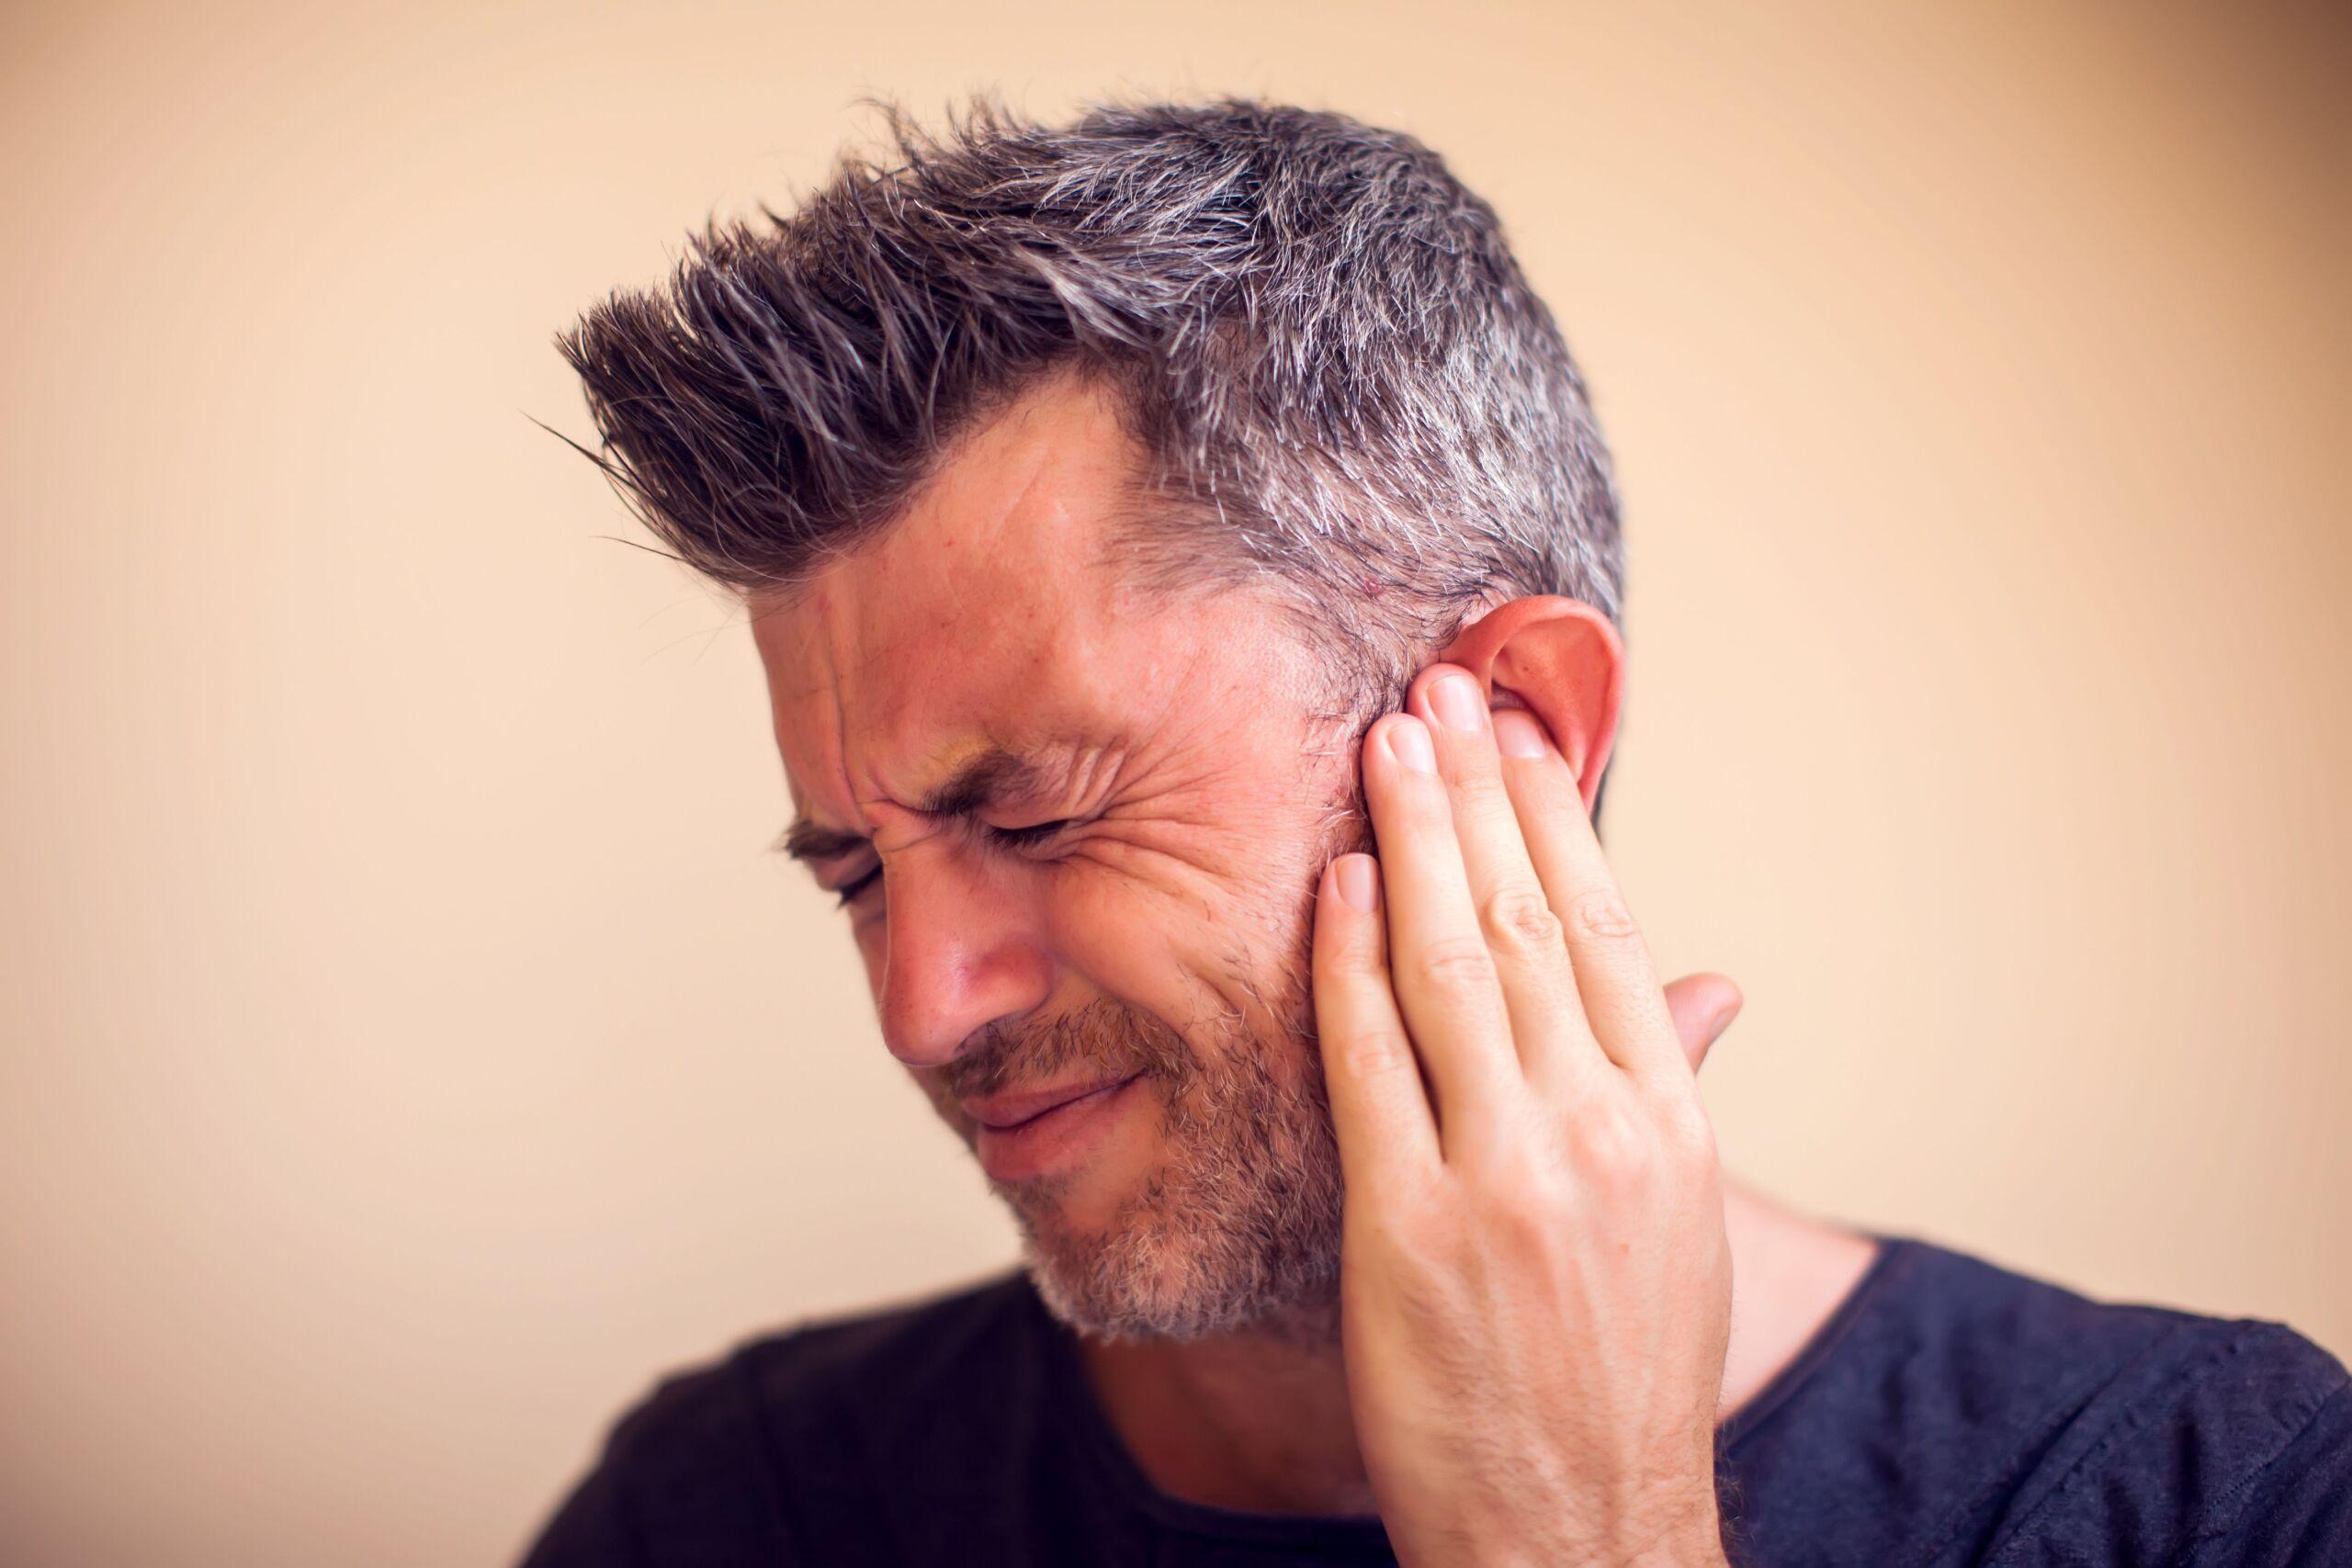 Mann hält sich am Ohr weil es zu schmerzen scheint